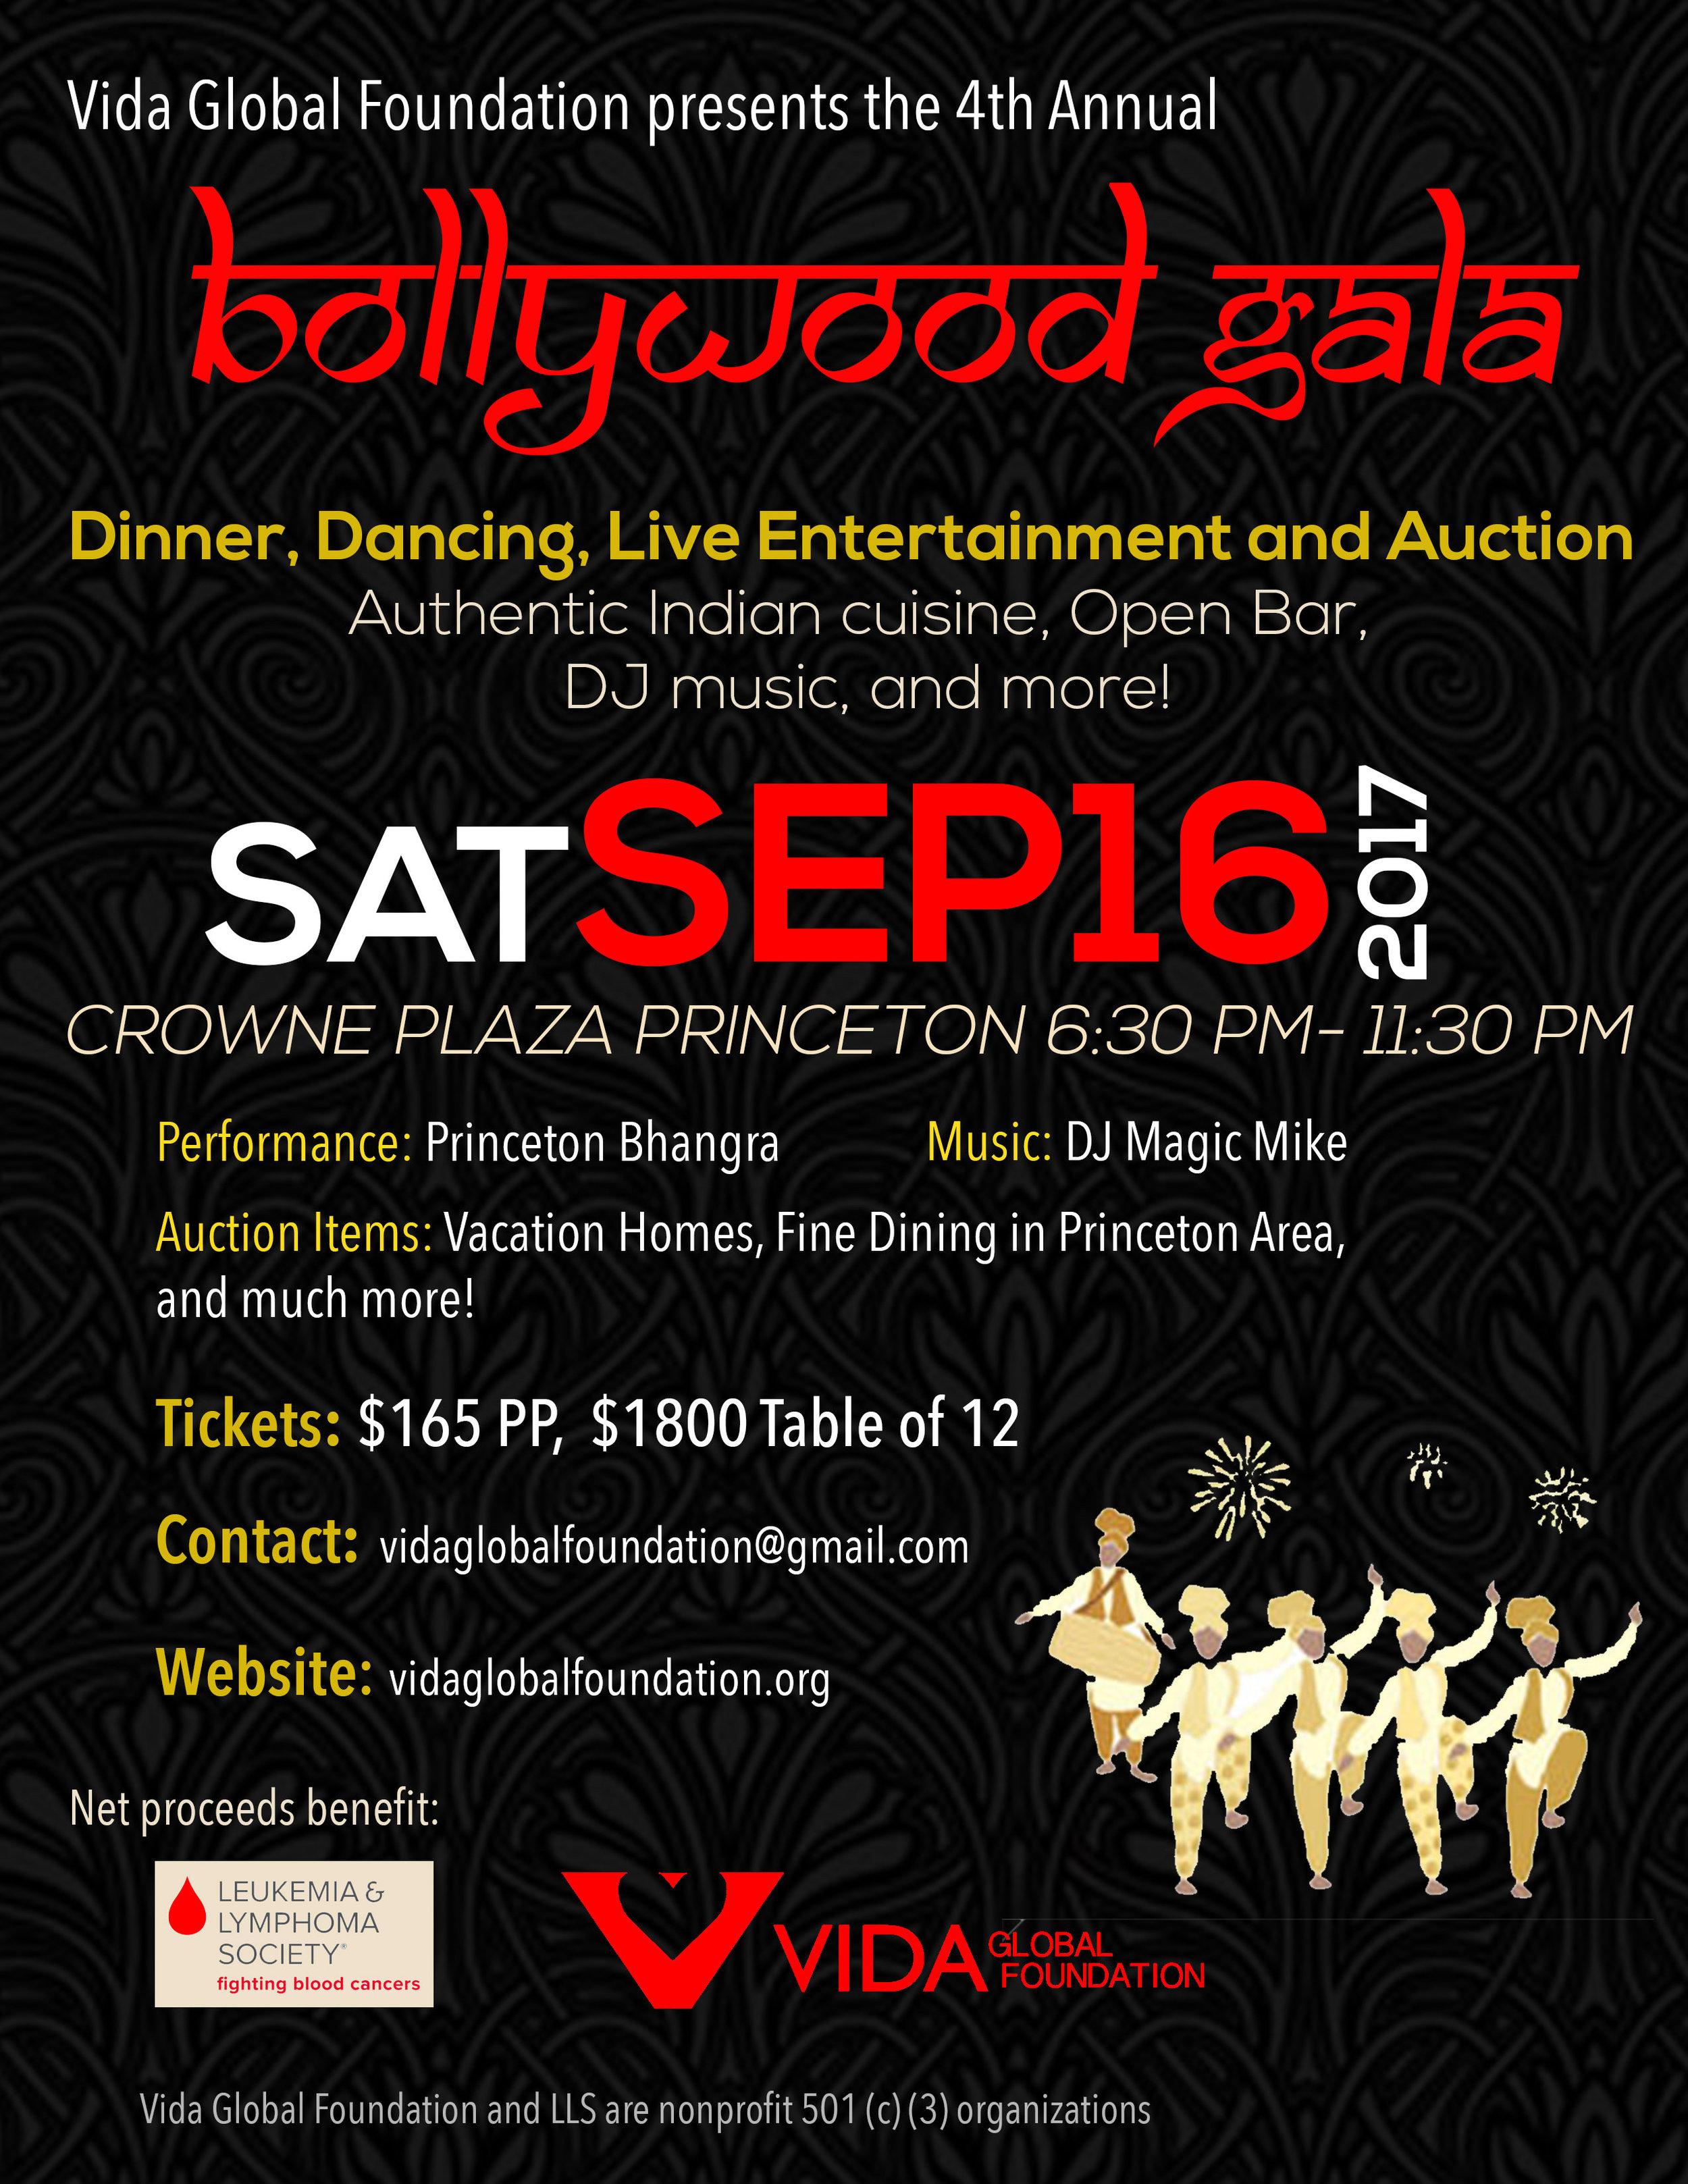 Bollywood Gala Flyer 2.jpg